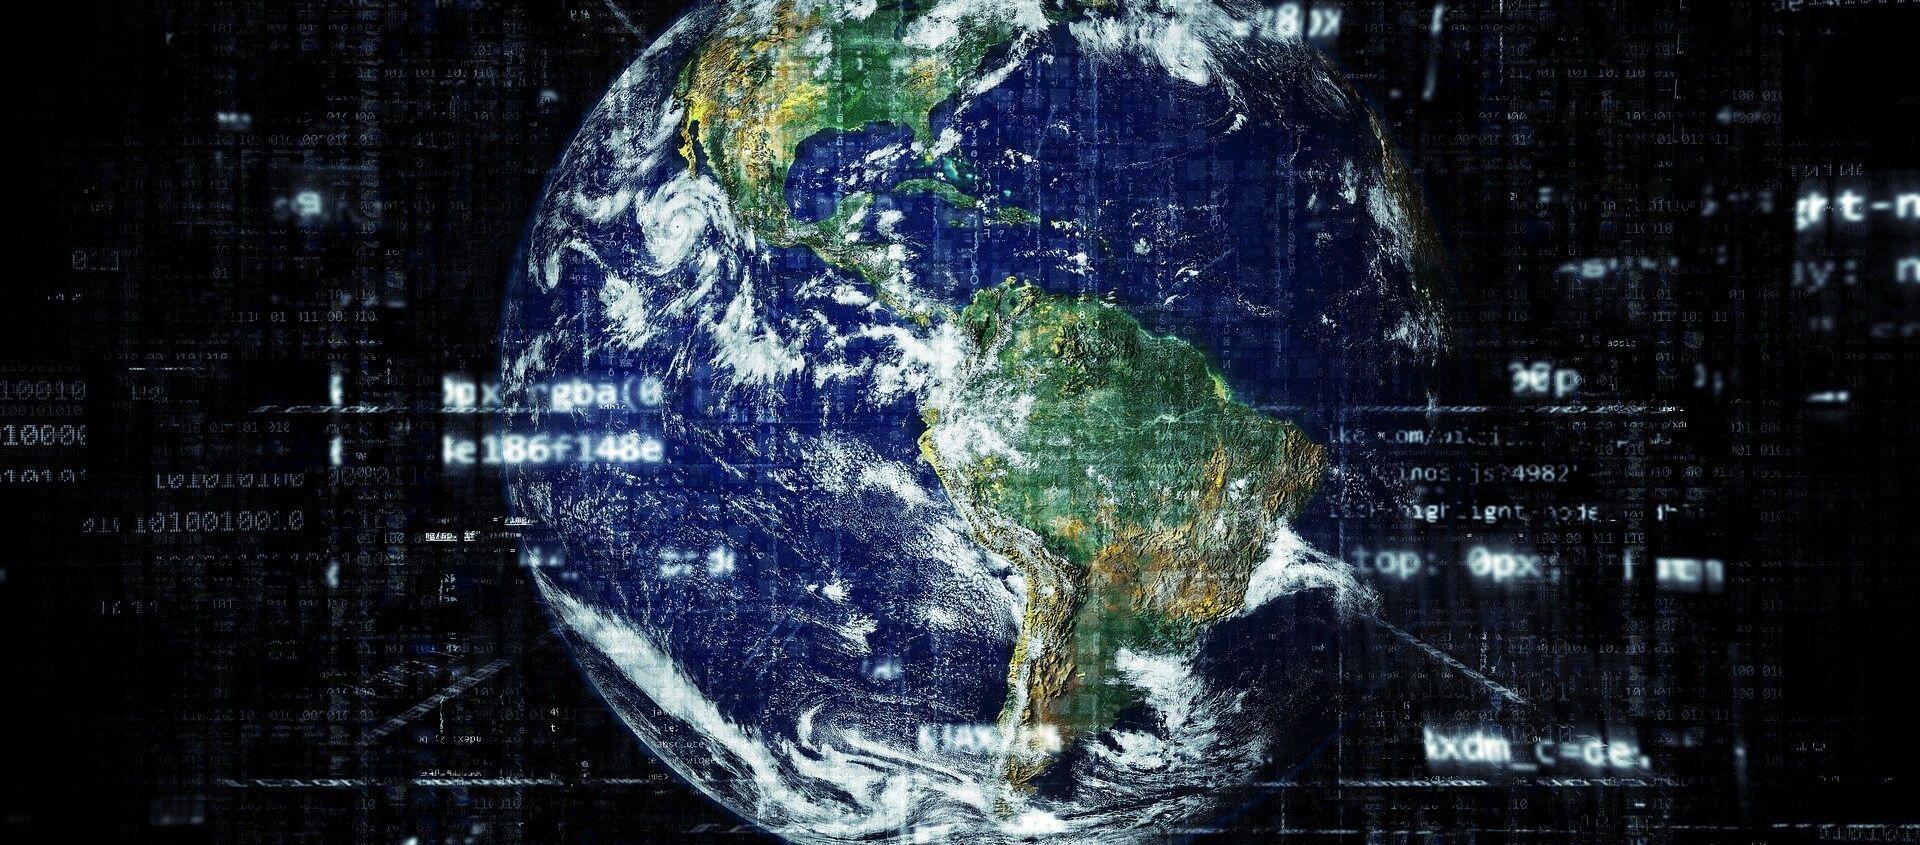 El mundo y la tecnología (ilustración) - Sputnik Mundo, 1920, 07.01.2021